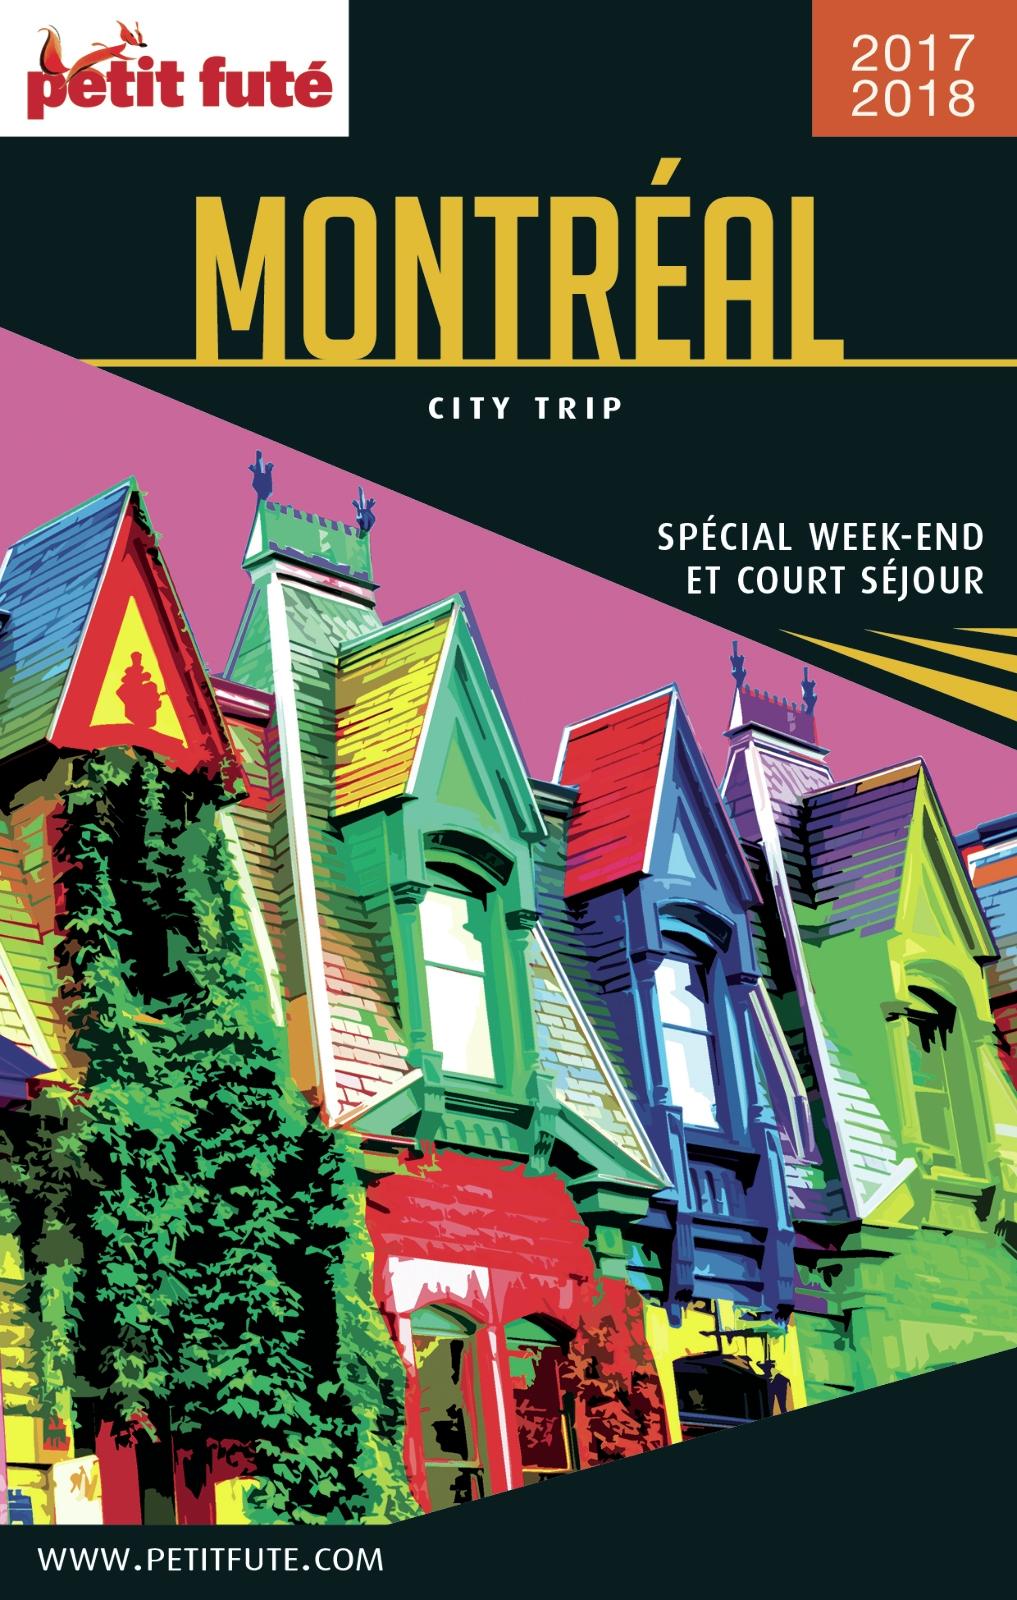 MONTRÉAL CITY TRIP 2017/2018 City trip Petit Futé